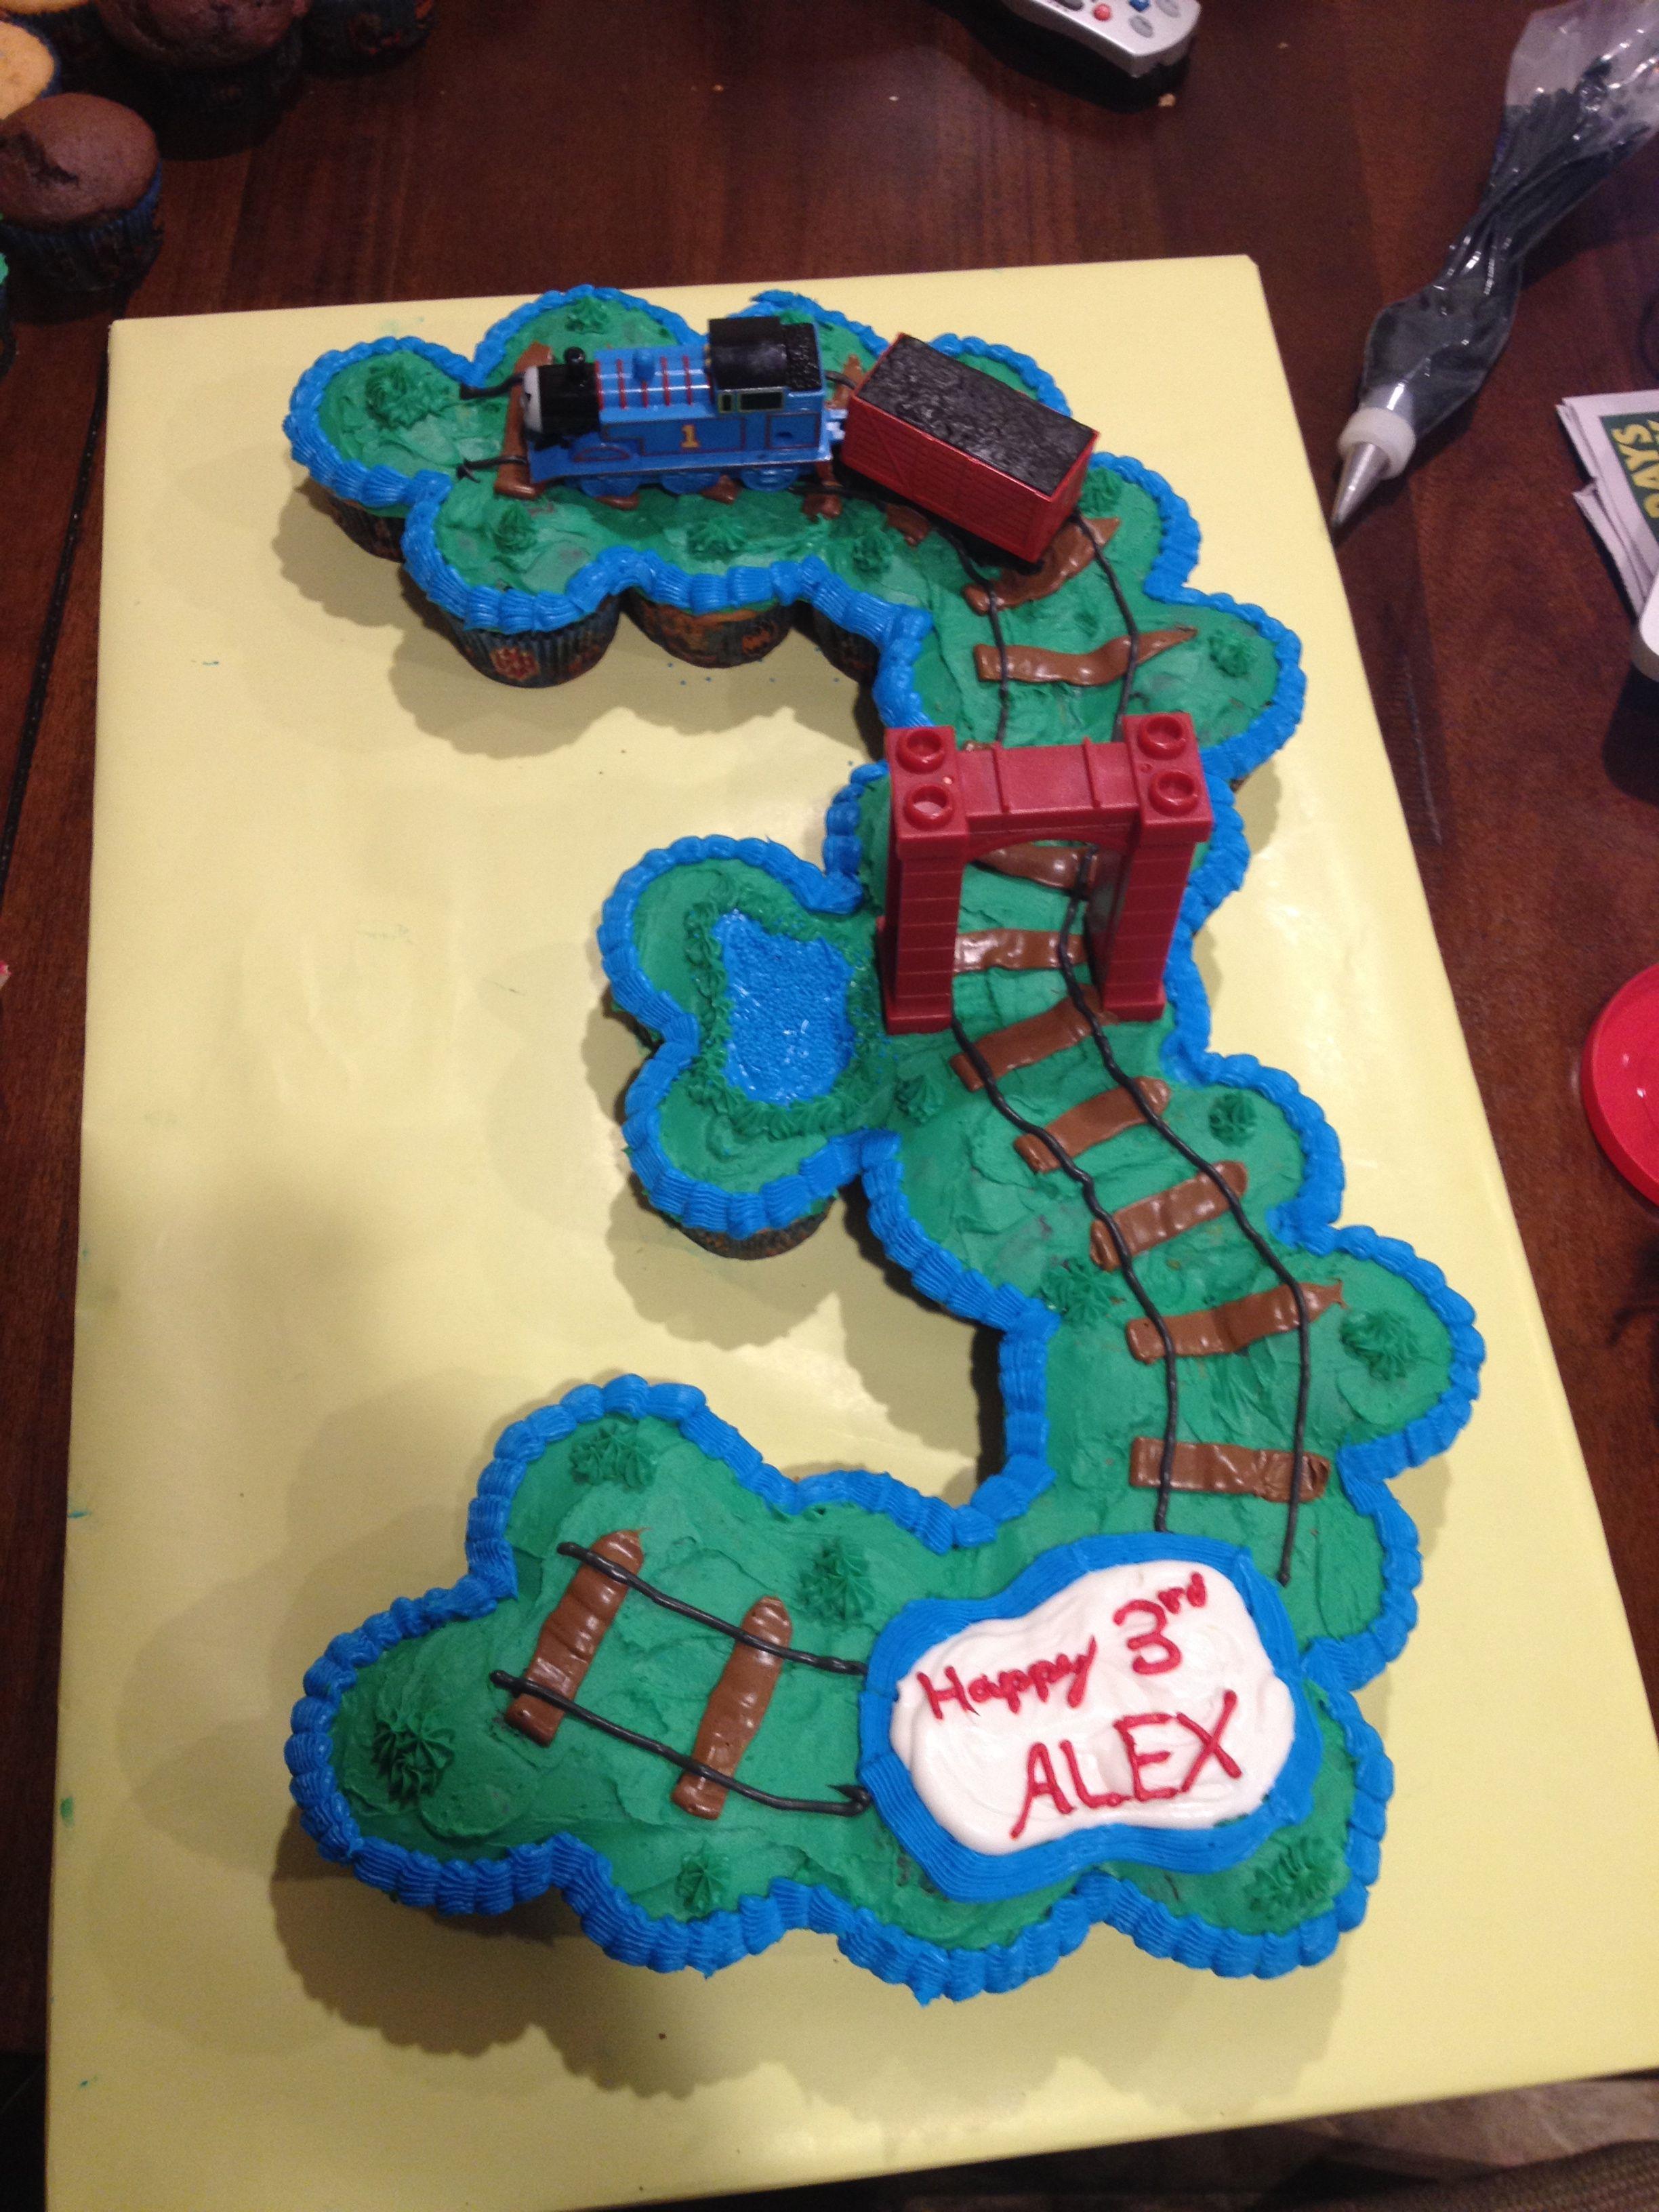 Thomas The Tank Engine 3 Cupcake Cake